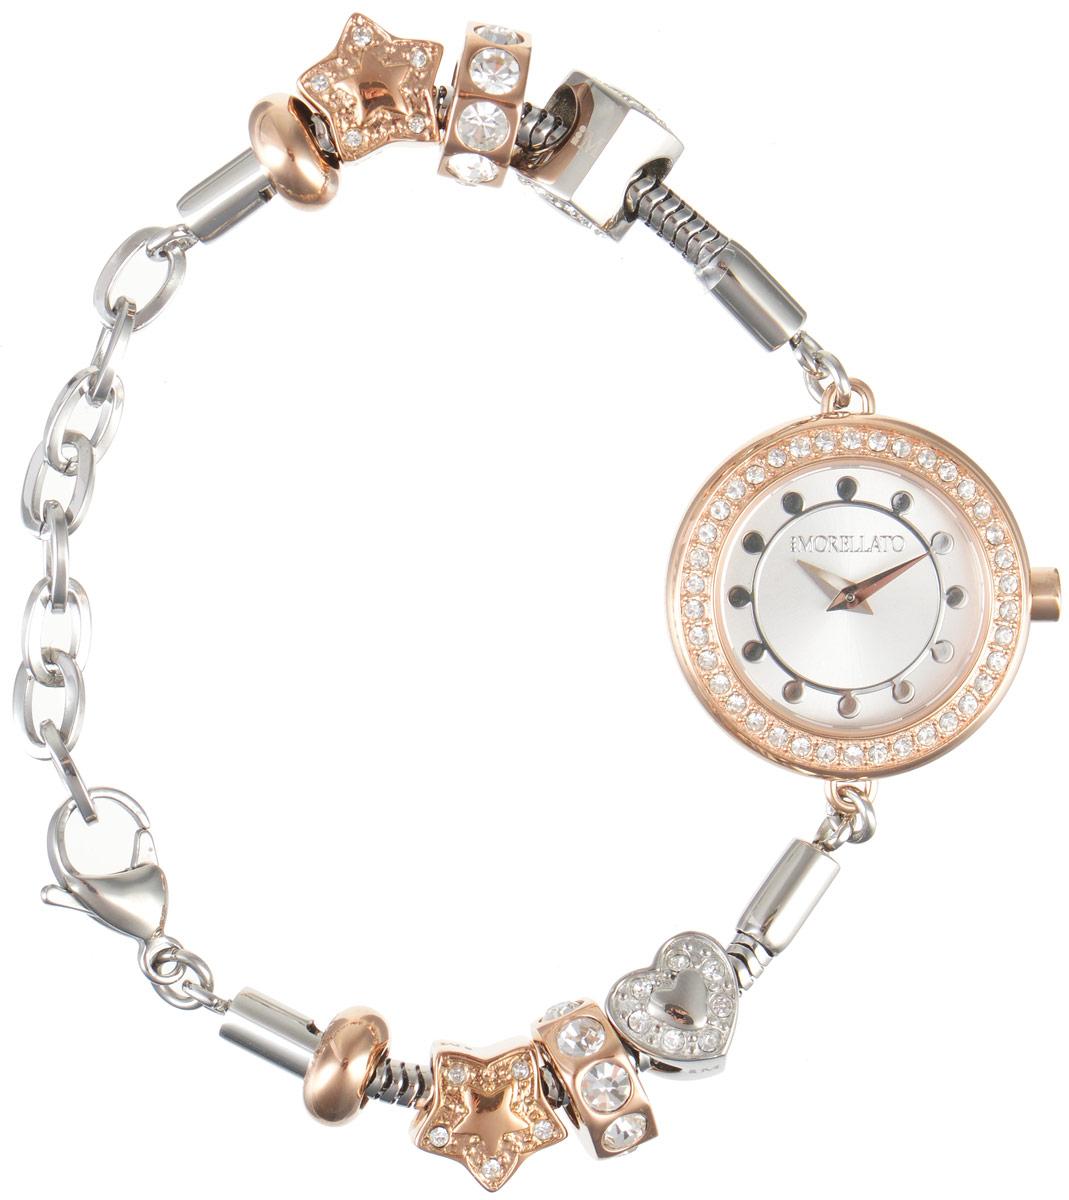 Часы наручные женские Morellato, цвет: серебристый. R0153122511R0153122511Изысканные женские часы Morellato изготовлены из высокотехнологичной гипоаллергенной нержавеющей стали. Ремешок выполнен из нержавеющей стали с PVD-покрытием и оснащен практичной застежкой-карабином. Кварцевый механизм имеет степень влагозащиты равную 3 Bar и дополнен часовой и минутной стрелками. Корпус часов украшен ободком из цирконов. Браслет выполнен из соединяющихся между собой элементов в стиле Пандора, инкрустированных цирконами. Для того чтобы защитить циферблат от повреждений в часах используется высокопрочное минеральное стекло. На белом циферблате отметки в виде точек органично сочетаются с маленькими стрелками. Браслет комплектуется надежным и удобным в использовании замком-карабином, который позволит с легкостью снимать и надевать часы. Часы упакованы в фирменную коробку и дополнительно в подарочную коробку с названием бренда. Часы Morellato подчеркнут изящность женской руки и отменное чувство стиля у их обладательницы.